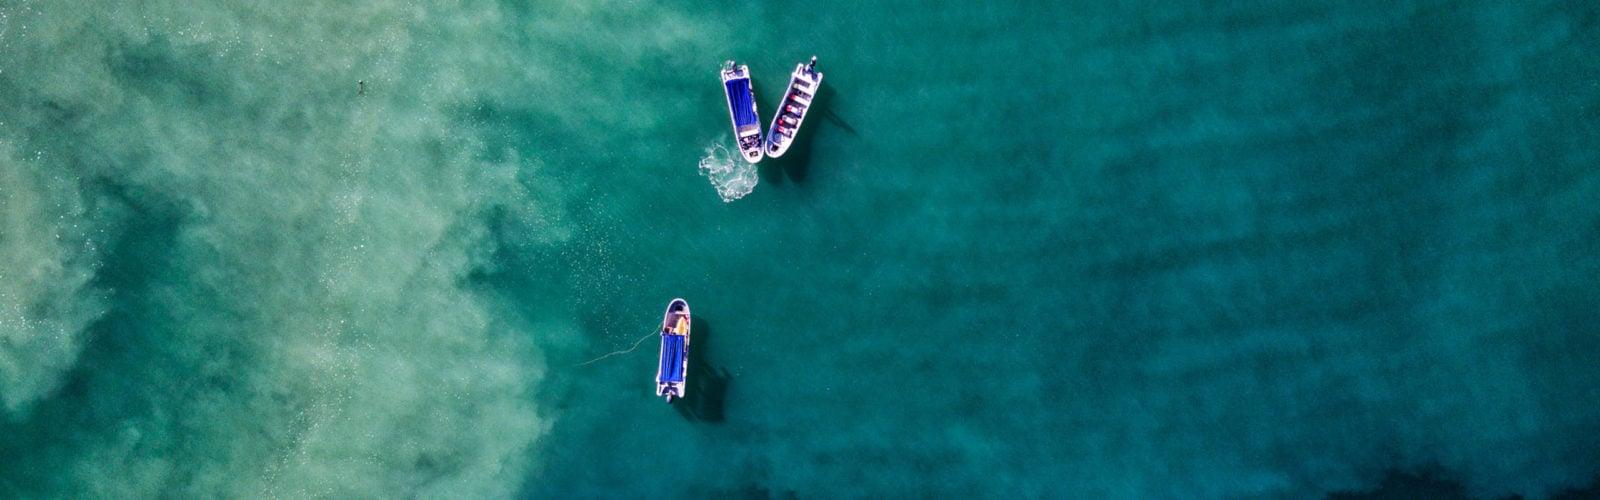 aerial-drone-photo-costa-rica